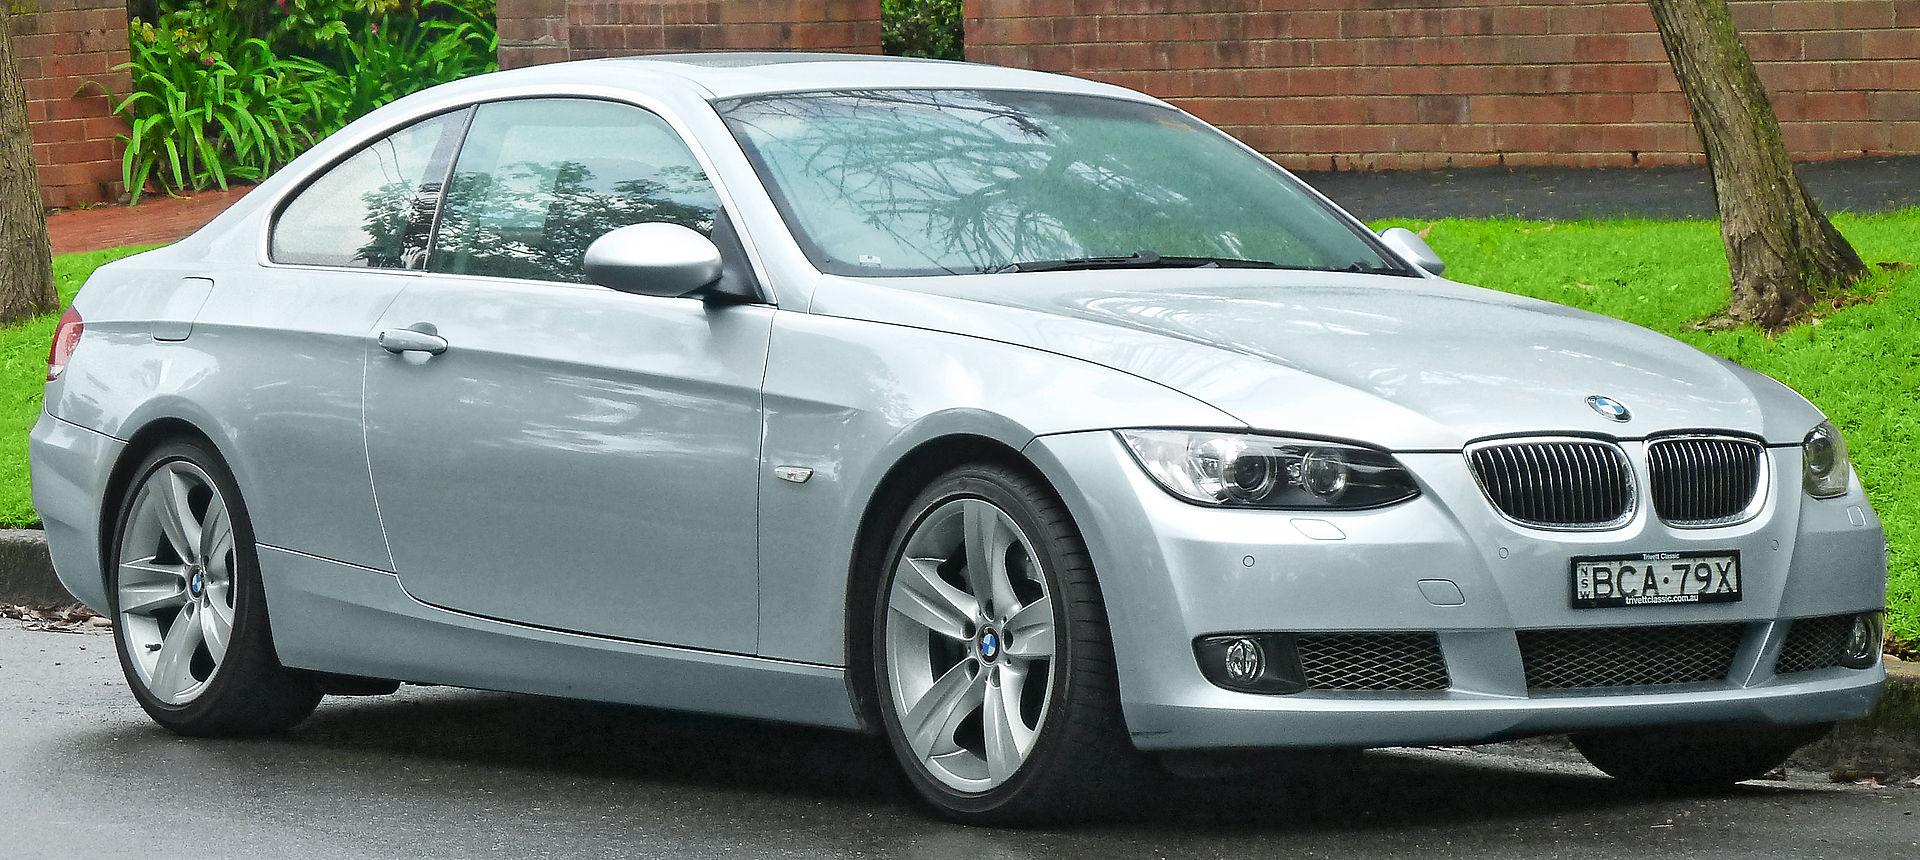 2006-2010 BMW 335i (E92) coupe (2011-07-17) 01.jpg